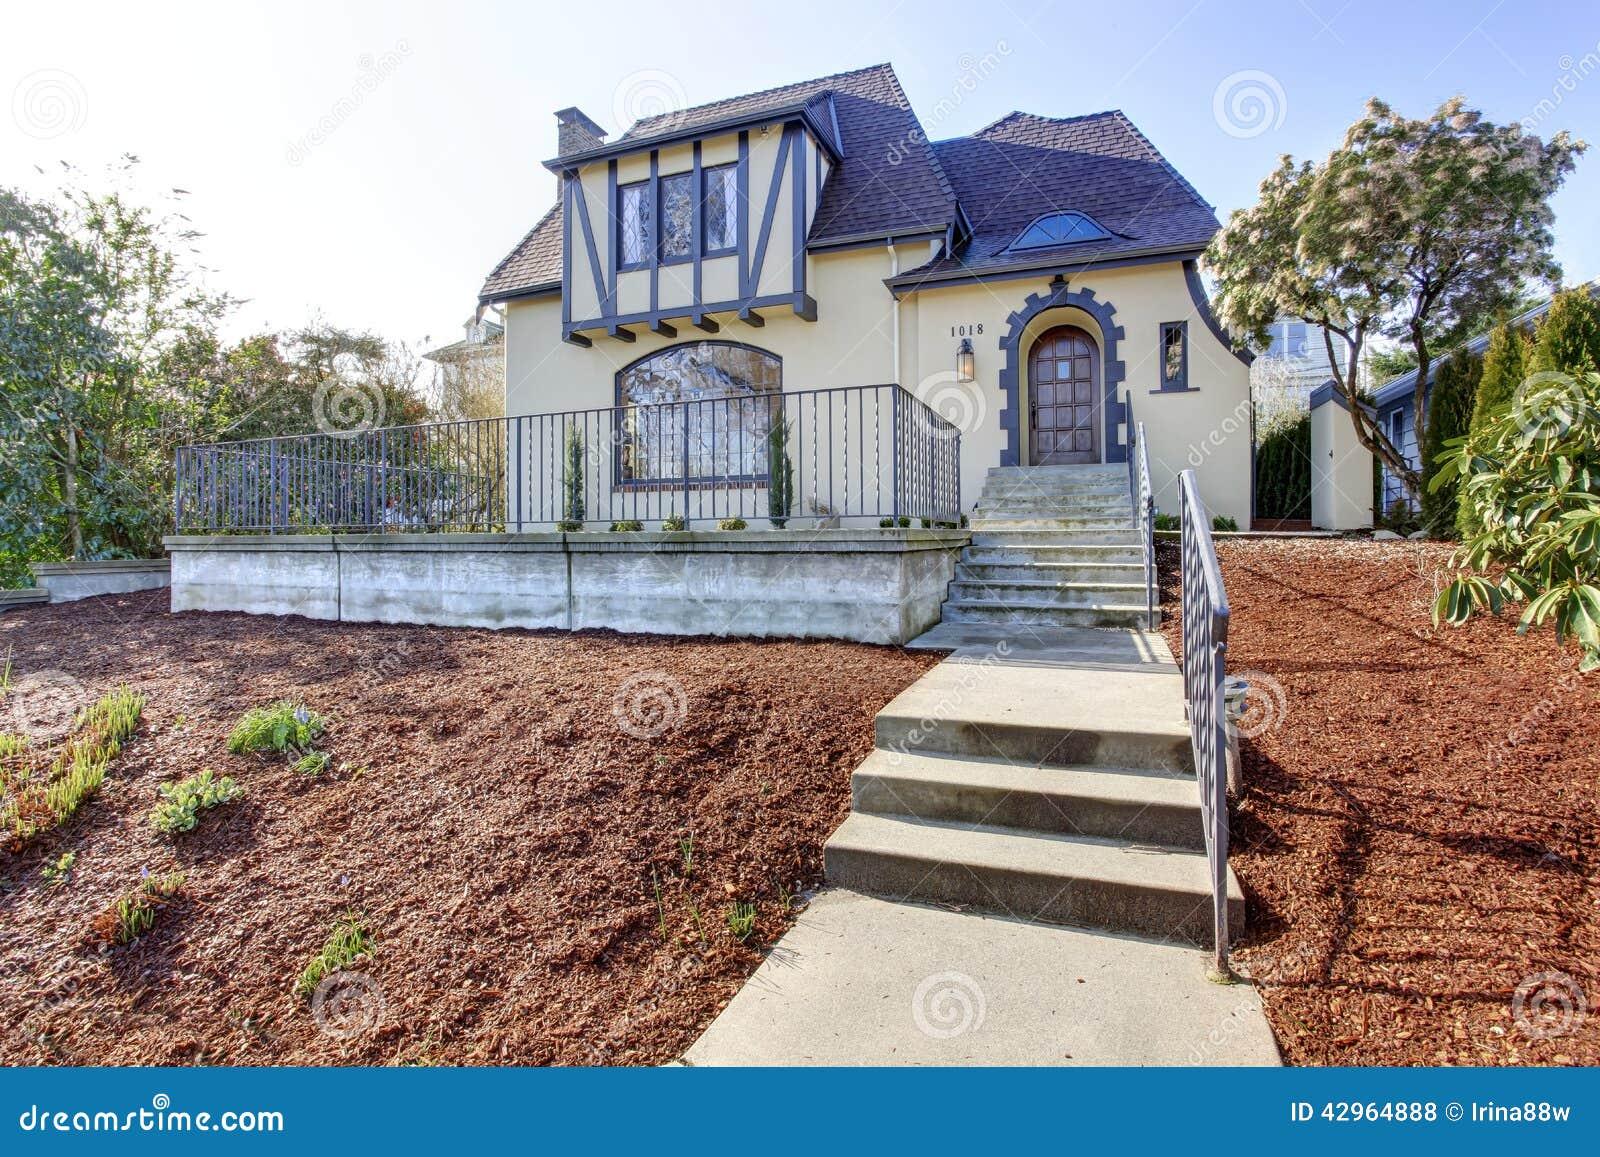 ext rieur anglais de maison de tuteur porche et escaliers. Black Bedroom Furniture Sets. Home Design Ideas